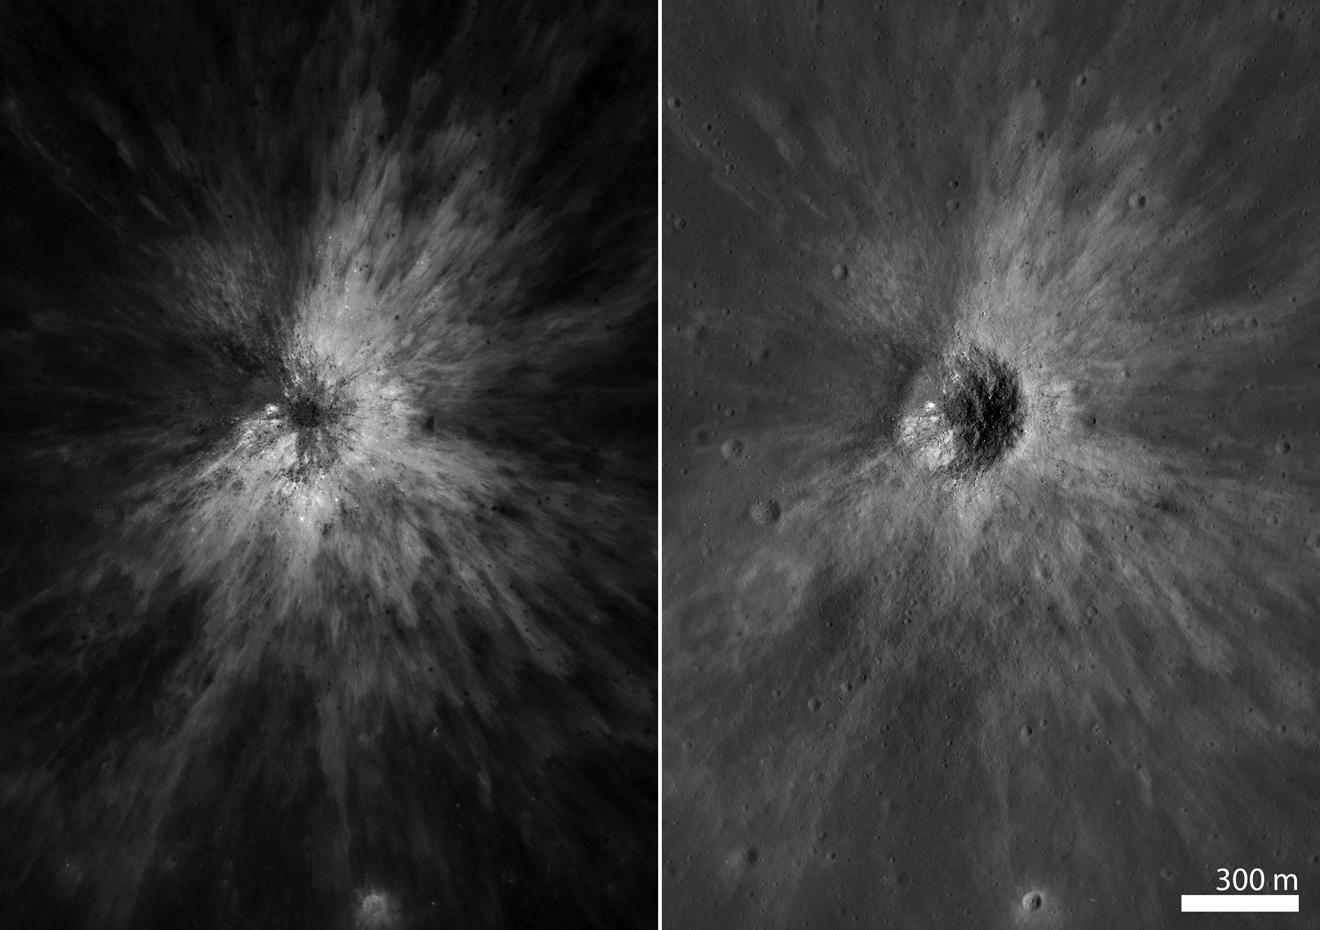 Nouvelles de la mission LRO (Lunar Reconnaissance Orbiter) Crater_x2